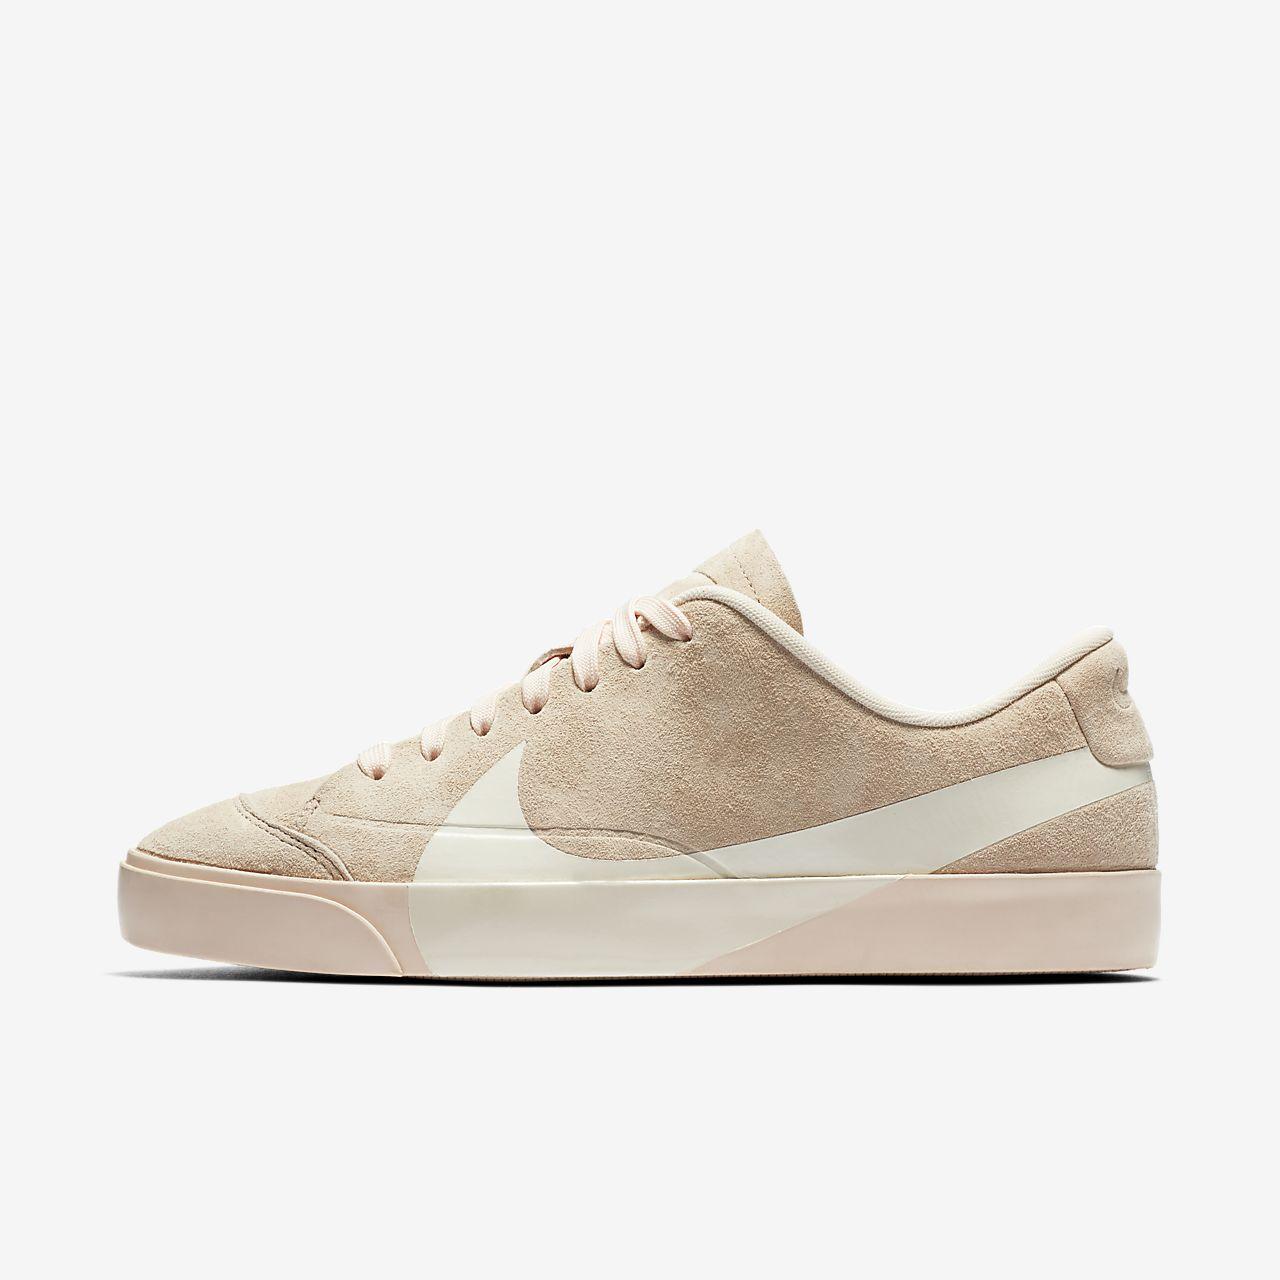 half off c4772 9627d ... Nike Blazer City Low LX-sko til kvinder